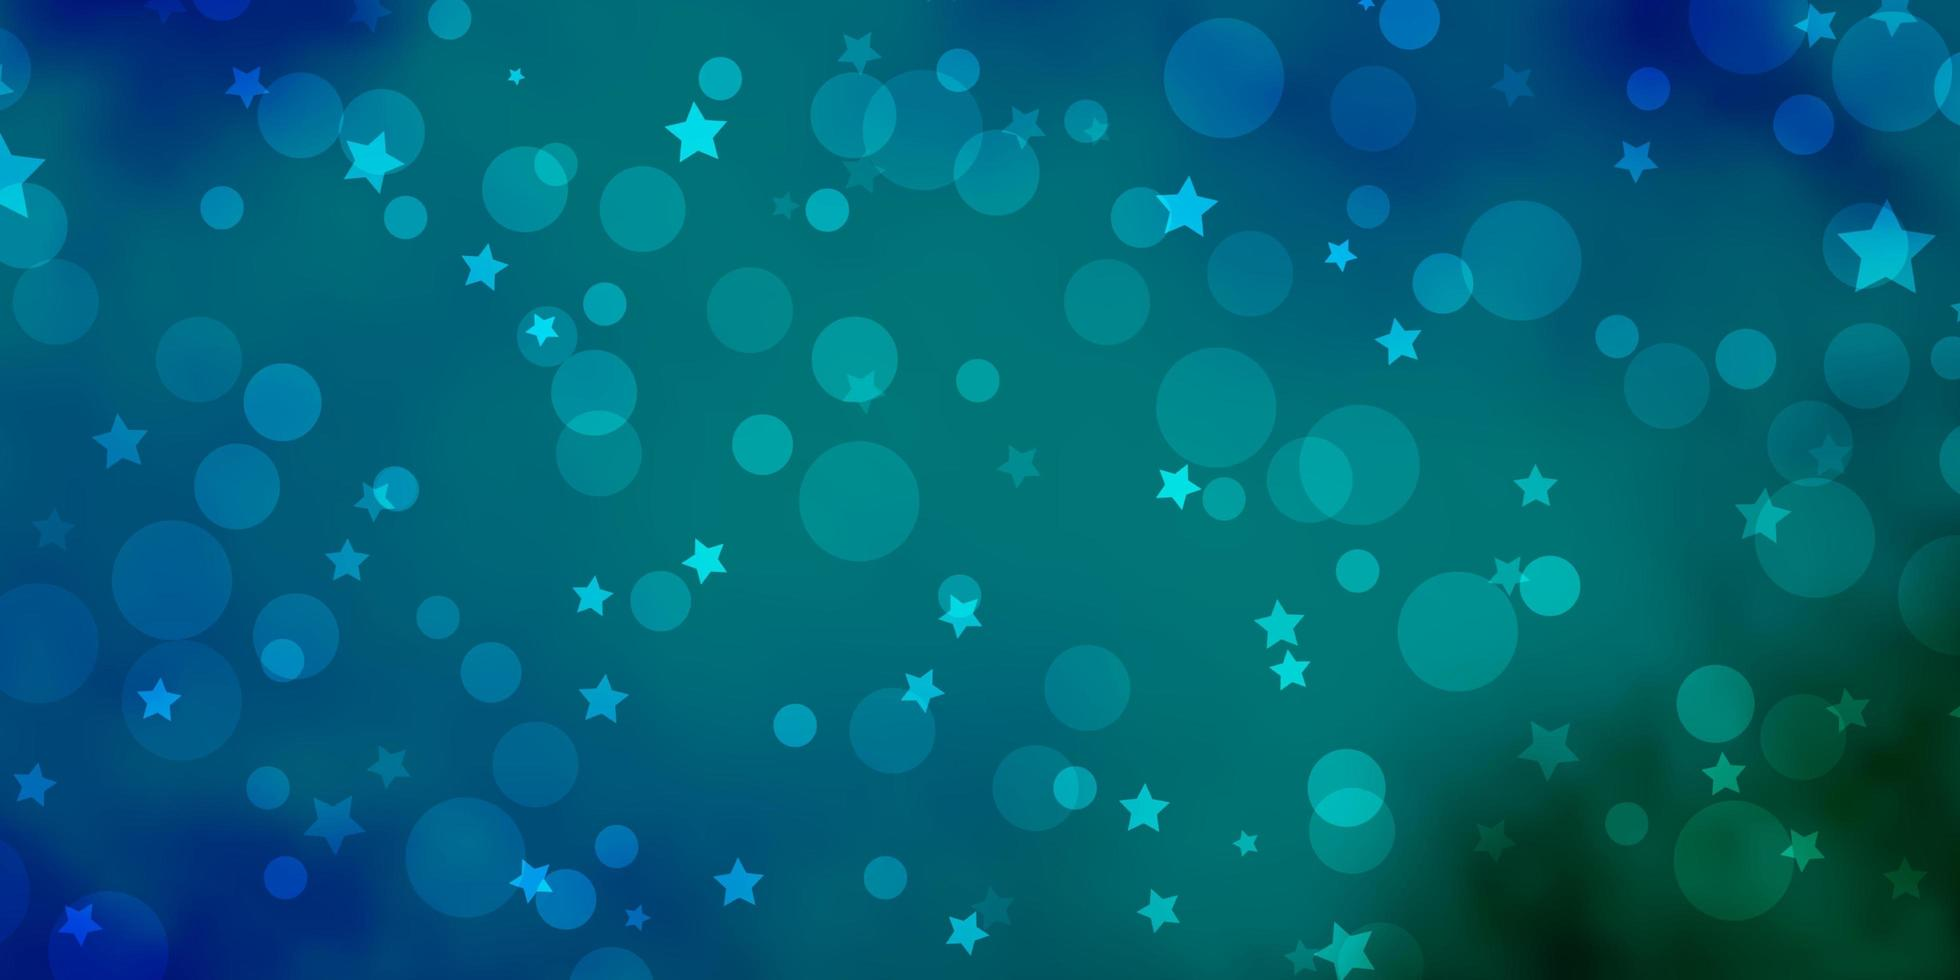 hellblaue, grüne Vektorbeschaffenheit mit Kreisen, Sternen. vektor